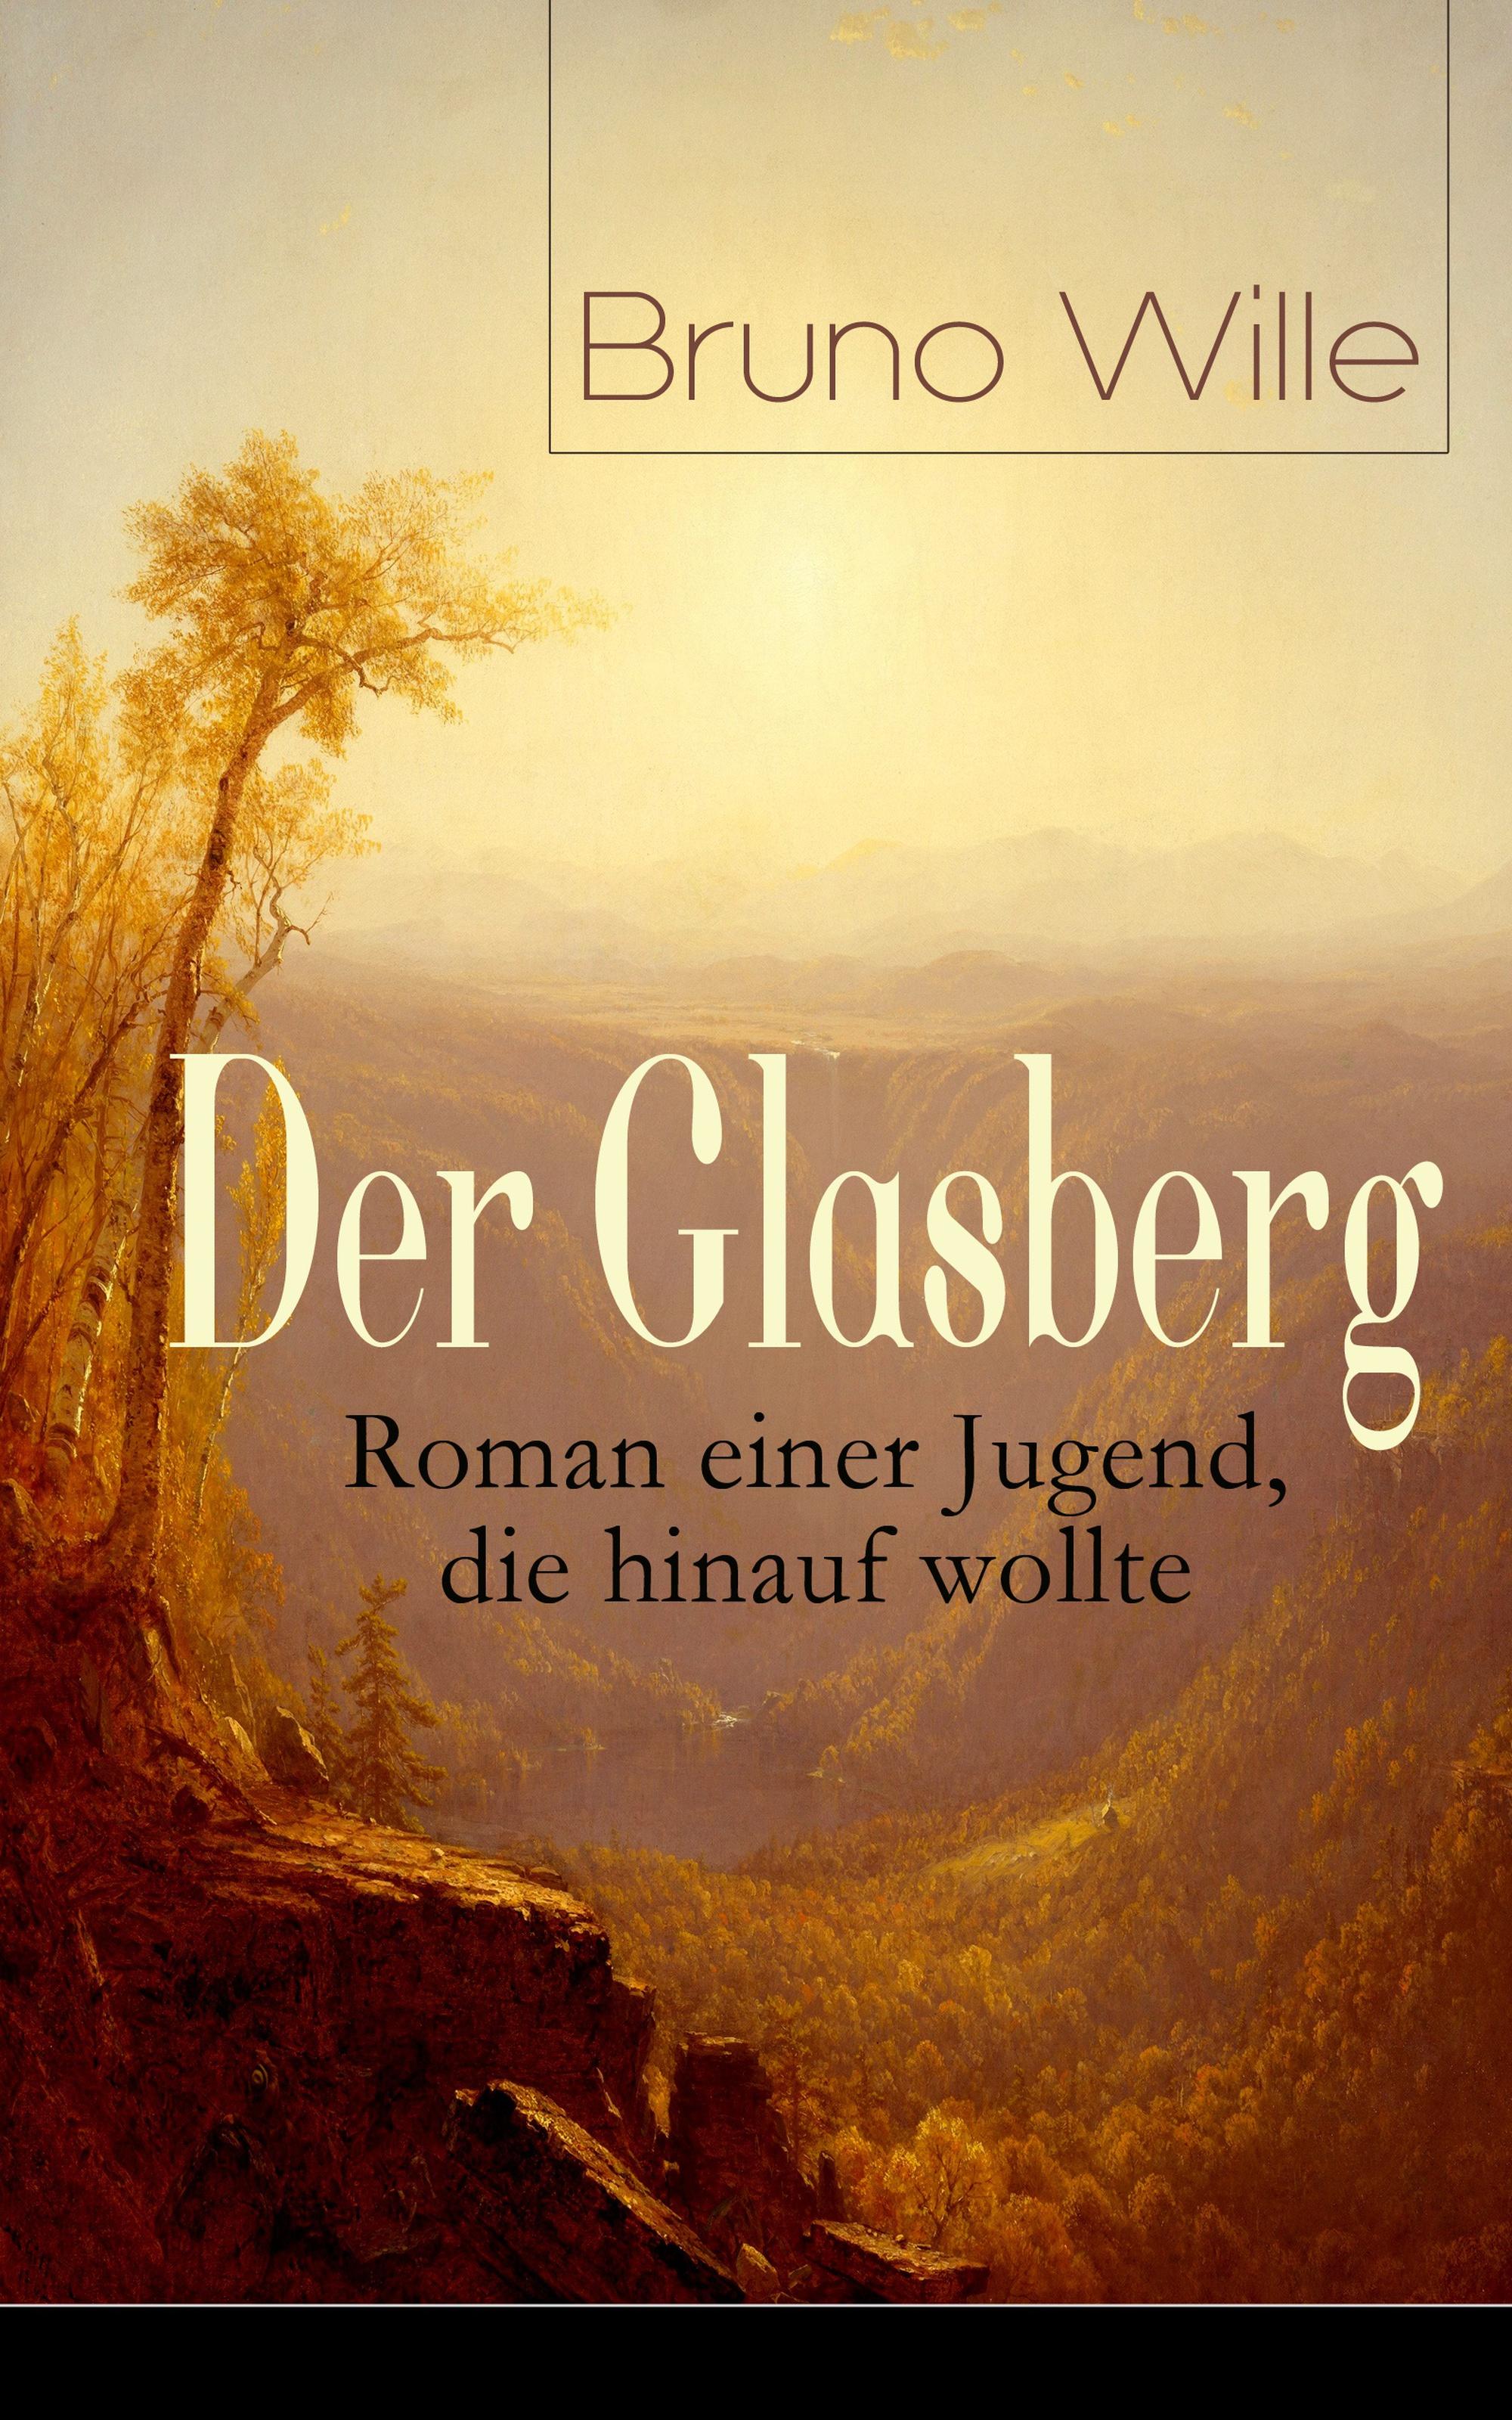 Bruno Wille Der Glasberg: Roman einer Jugend, die hinauf wollte bruno wille der glasberg roman einer jugend die hinauf wollte band 1